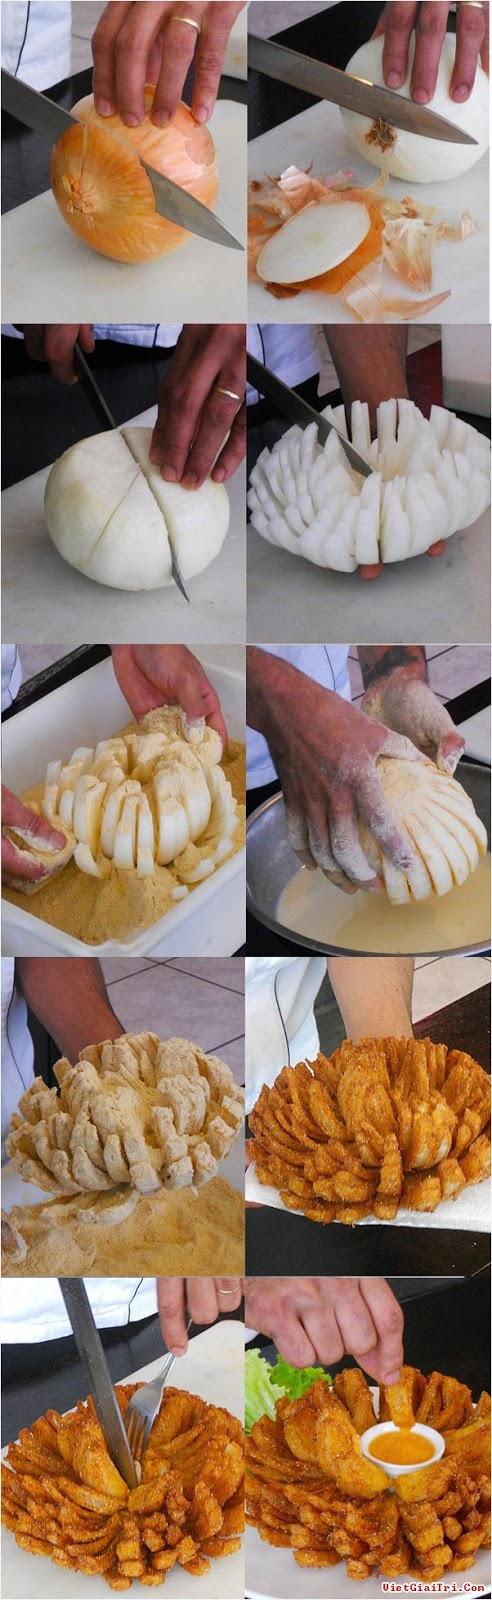 , луковые кольца в кляре рецепт с фото, из чего делают луковые кольца, что самое вкусное в луковых кольцах, луковые кольца во фритюре, луковые кольца в кляре рецепт с фото, как обжарить лук, как приготовить луковые кольца дома, луковые кольца как в бургер кинг рецепт, вкусный лук рецепт, как поджарить лук, луковые кольца в домашних условиях рецепт, самые вкусные луковые кольца, как приготовить луковые кольца рецепт с фото, блюда из лука, закуски из лука, еда из лука, чипсы из лука, как приготовить лук вкусно, что можно приготовить из лука, закуски из репчатого лука, http://handmade.parafraz.space/лук, овощи, рецепты кулинарные, советы кулинарные, фритюр, луковые кольца, блюда из лука, блюда во фритюре, закуски, луковые чипсы, рецепты луковых колец, овощи во фритюре, закуски к пиву, приготовление закусок, приготовление лука, рецепты луковые, еда, про лук, про еду, про закуски, рецепты с фото, рецепты луковых колец, кляр для лука, соус для луковых колец, приправа для луковых колец, Праздничный мир, как приготовить луковые кольца рецепты с фото, http://prazdnichnymir.ru/, Луковые кольца: секреты приготовления и рецепты,http://eda.parafraz.space/ овощи, лук, лук во фритюре, лук жареный, кольца луковые, цветы луковые, лук с соусом, закуска из лука, блюда из лука, закуски из лука, цветы из лука, лук с соусом, кухня индийская,